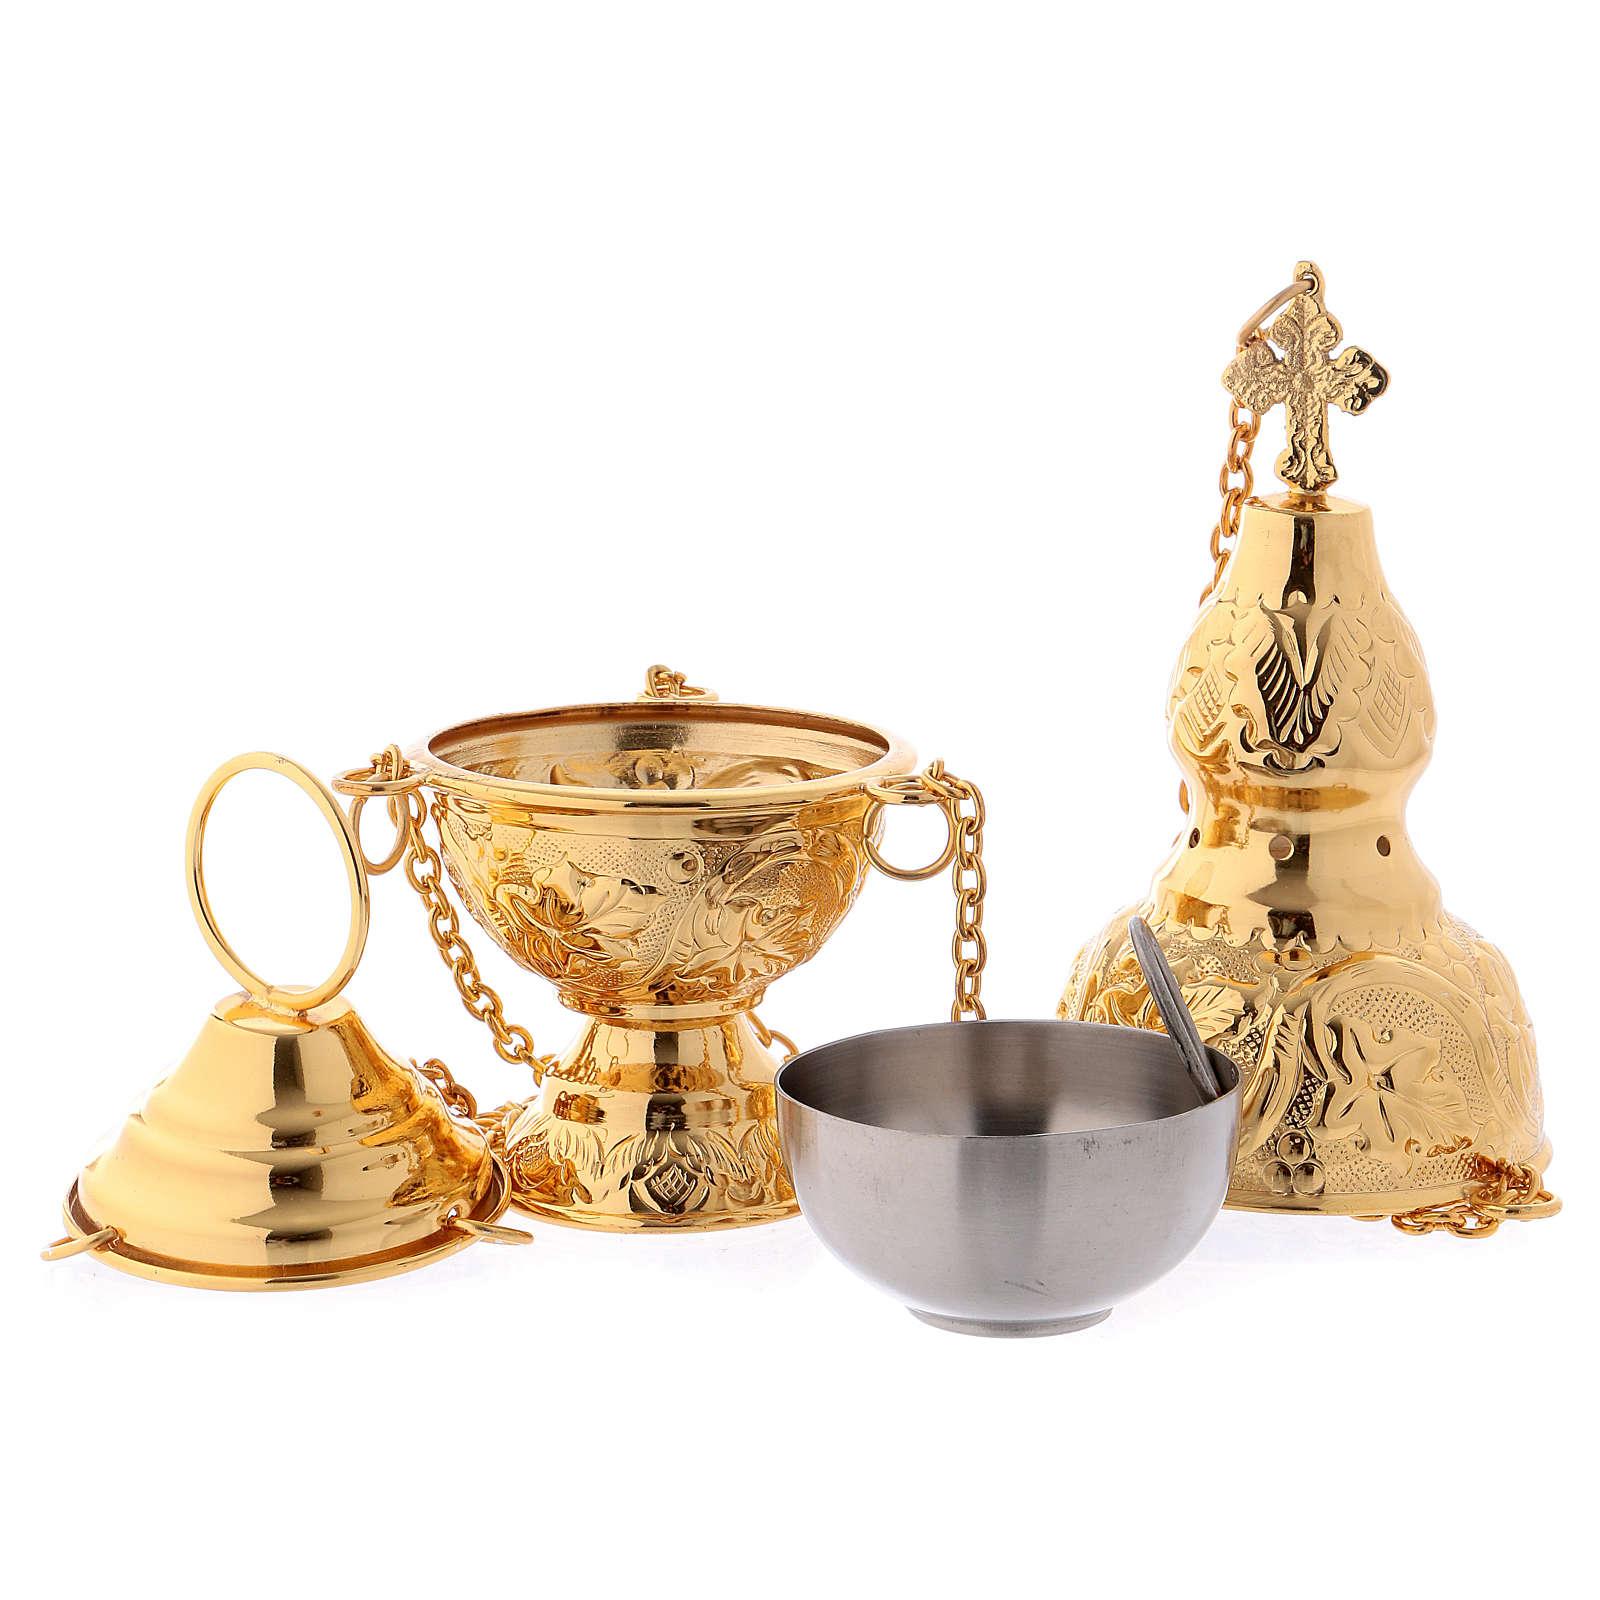 Turíbulo e Naveta latão dourado com colher para incenso 3